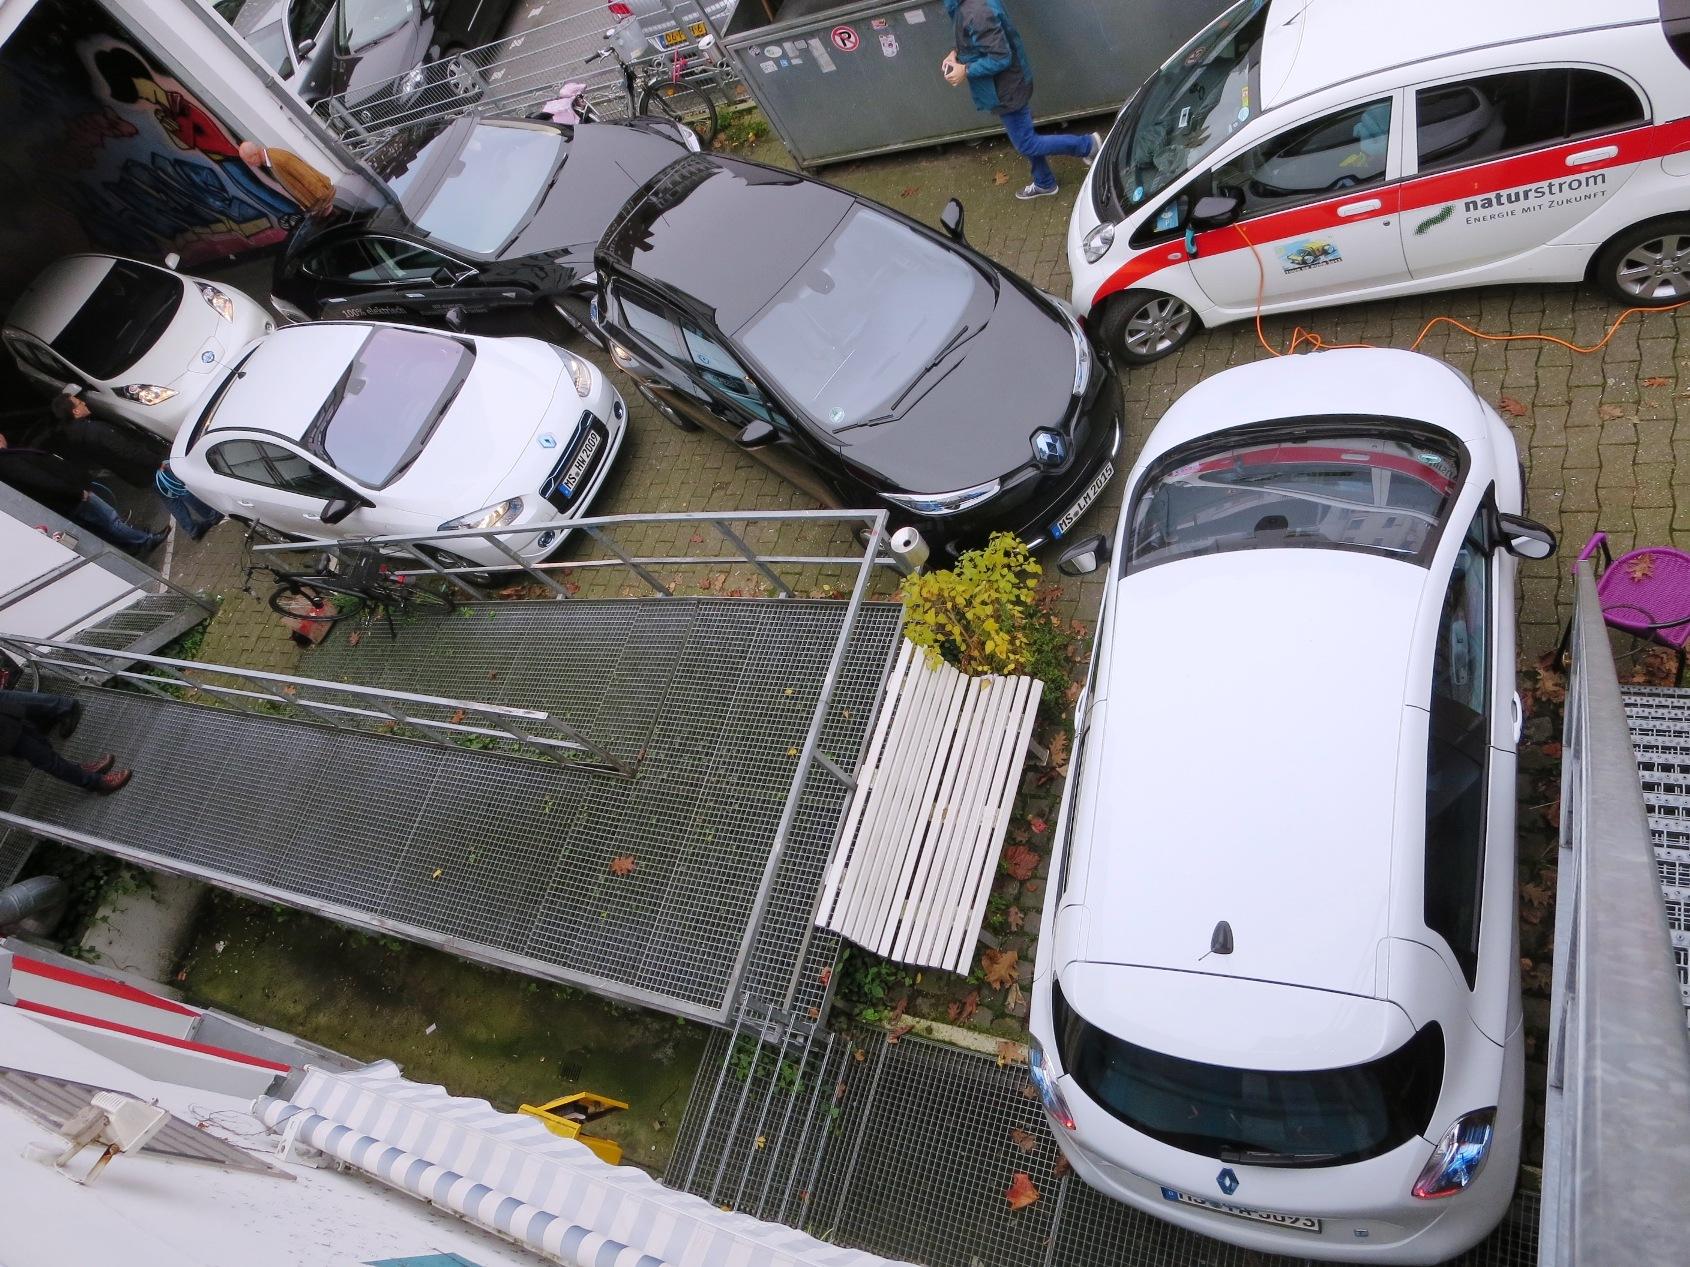 An der P&C-Ladestation knubbeln sich 6 Elektroautos der neuen Generation. Hier sind Grenzen überschritten.